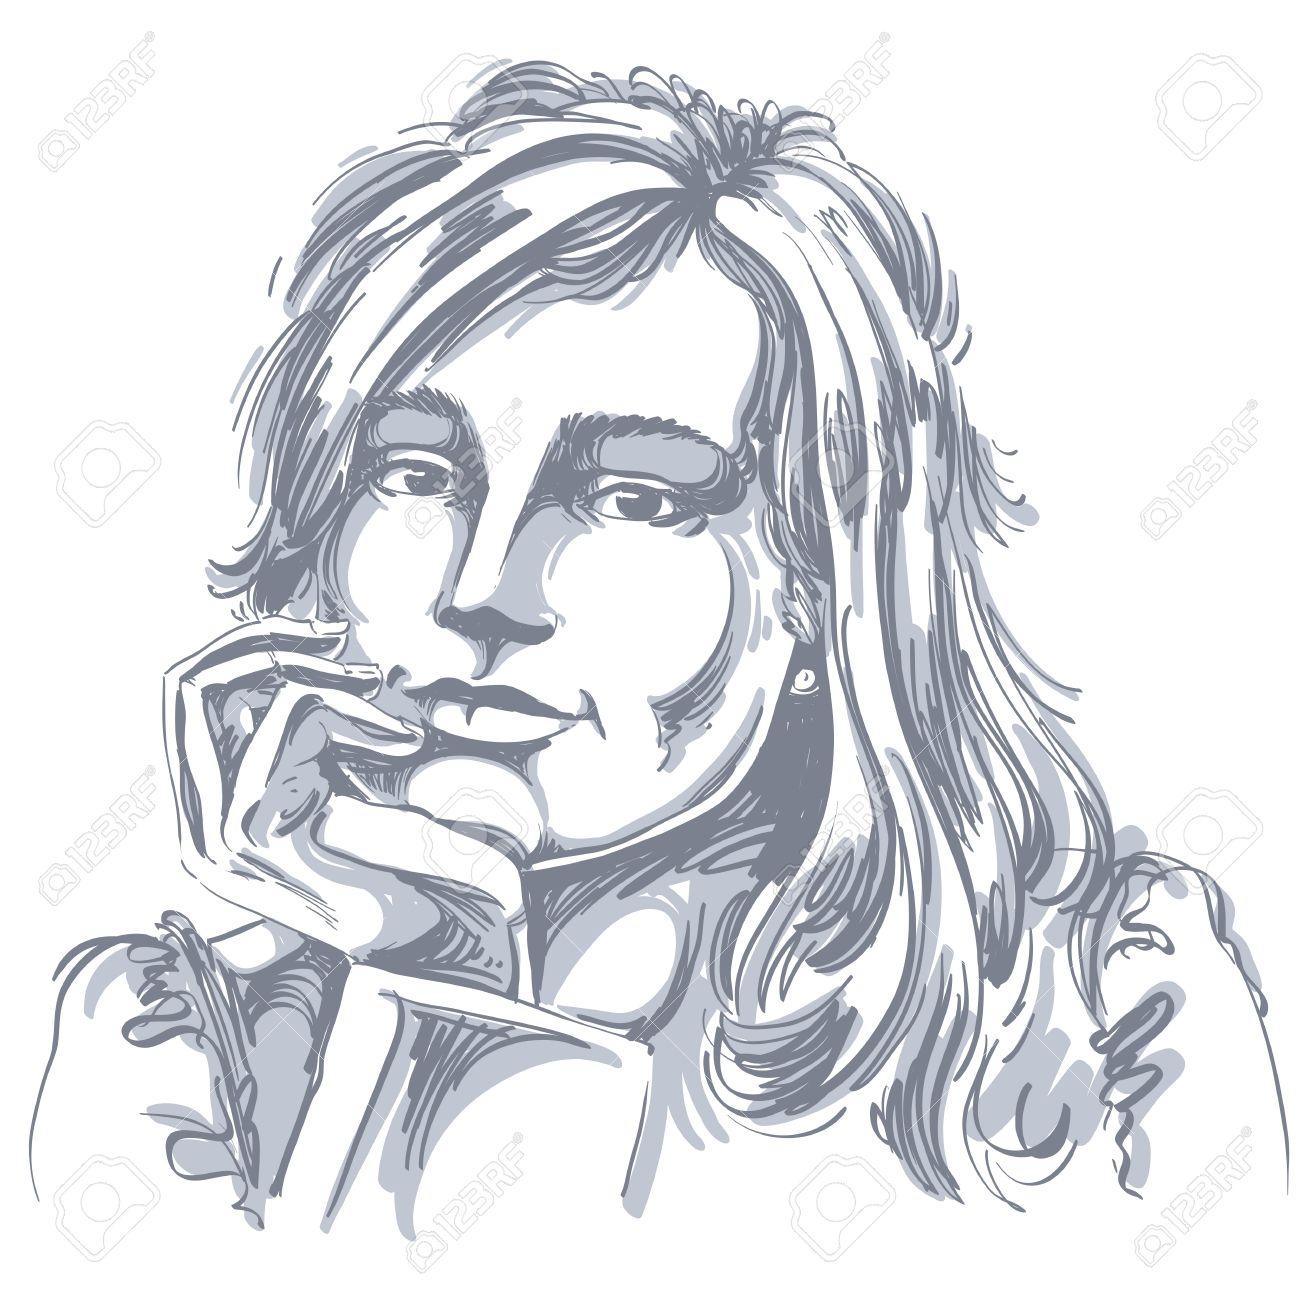 Dessin Vectoriel Art De Femme Pensive Romantique Avec Coupe élégante